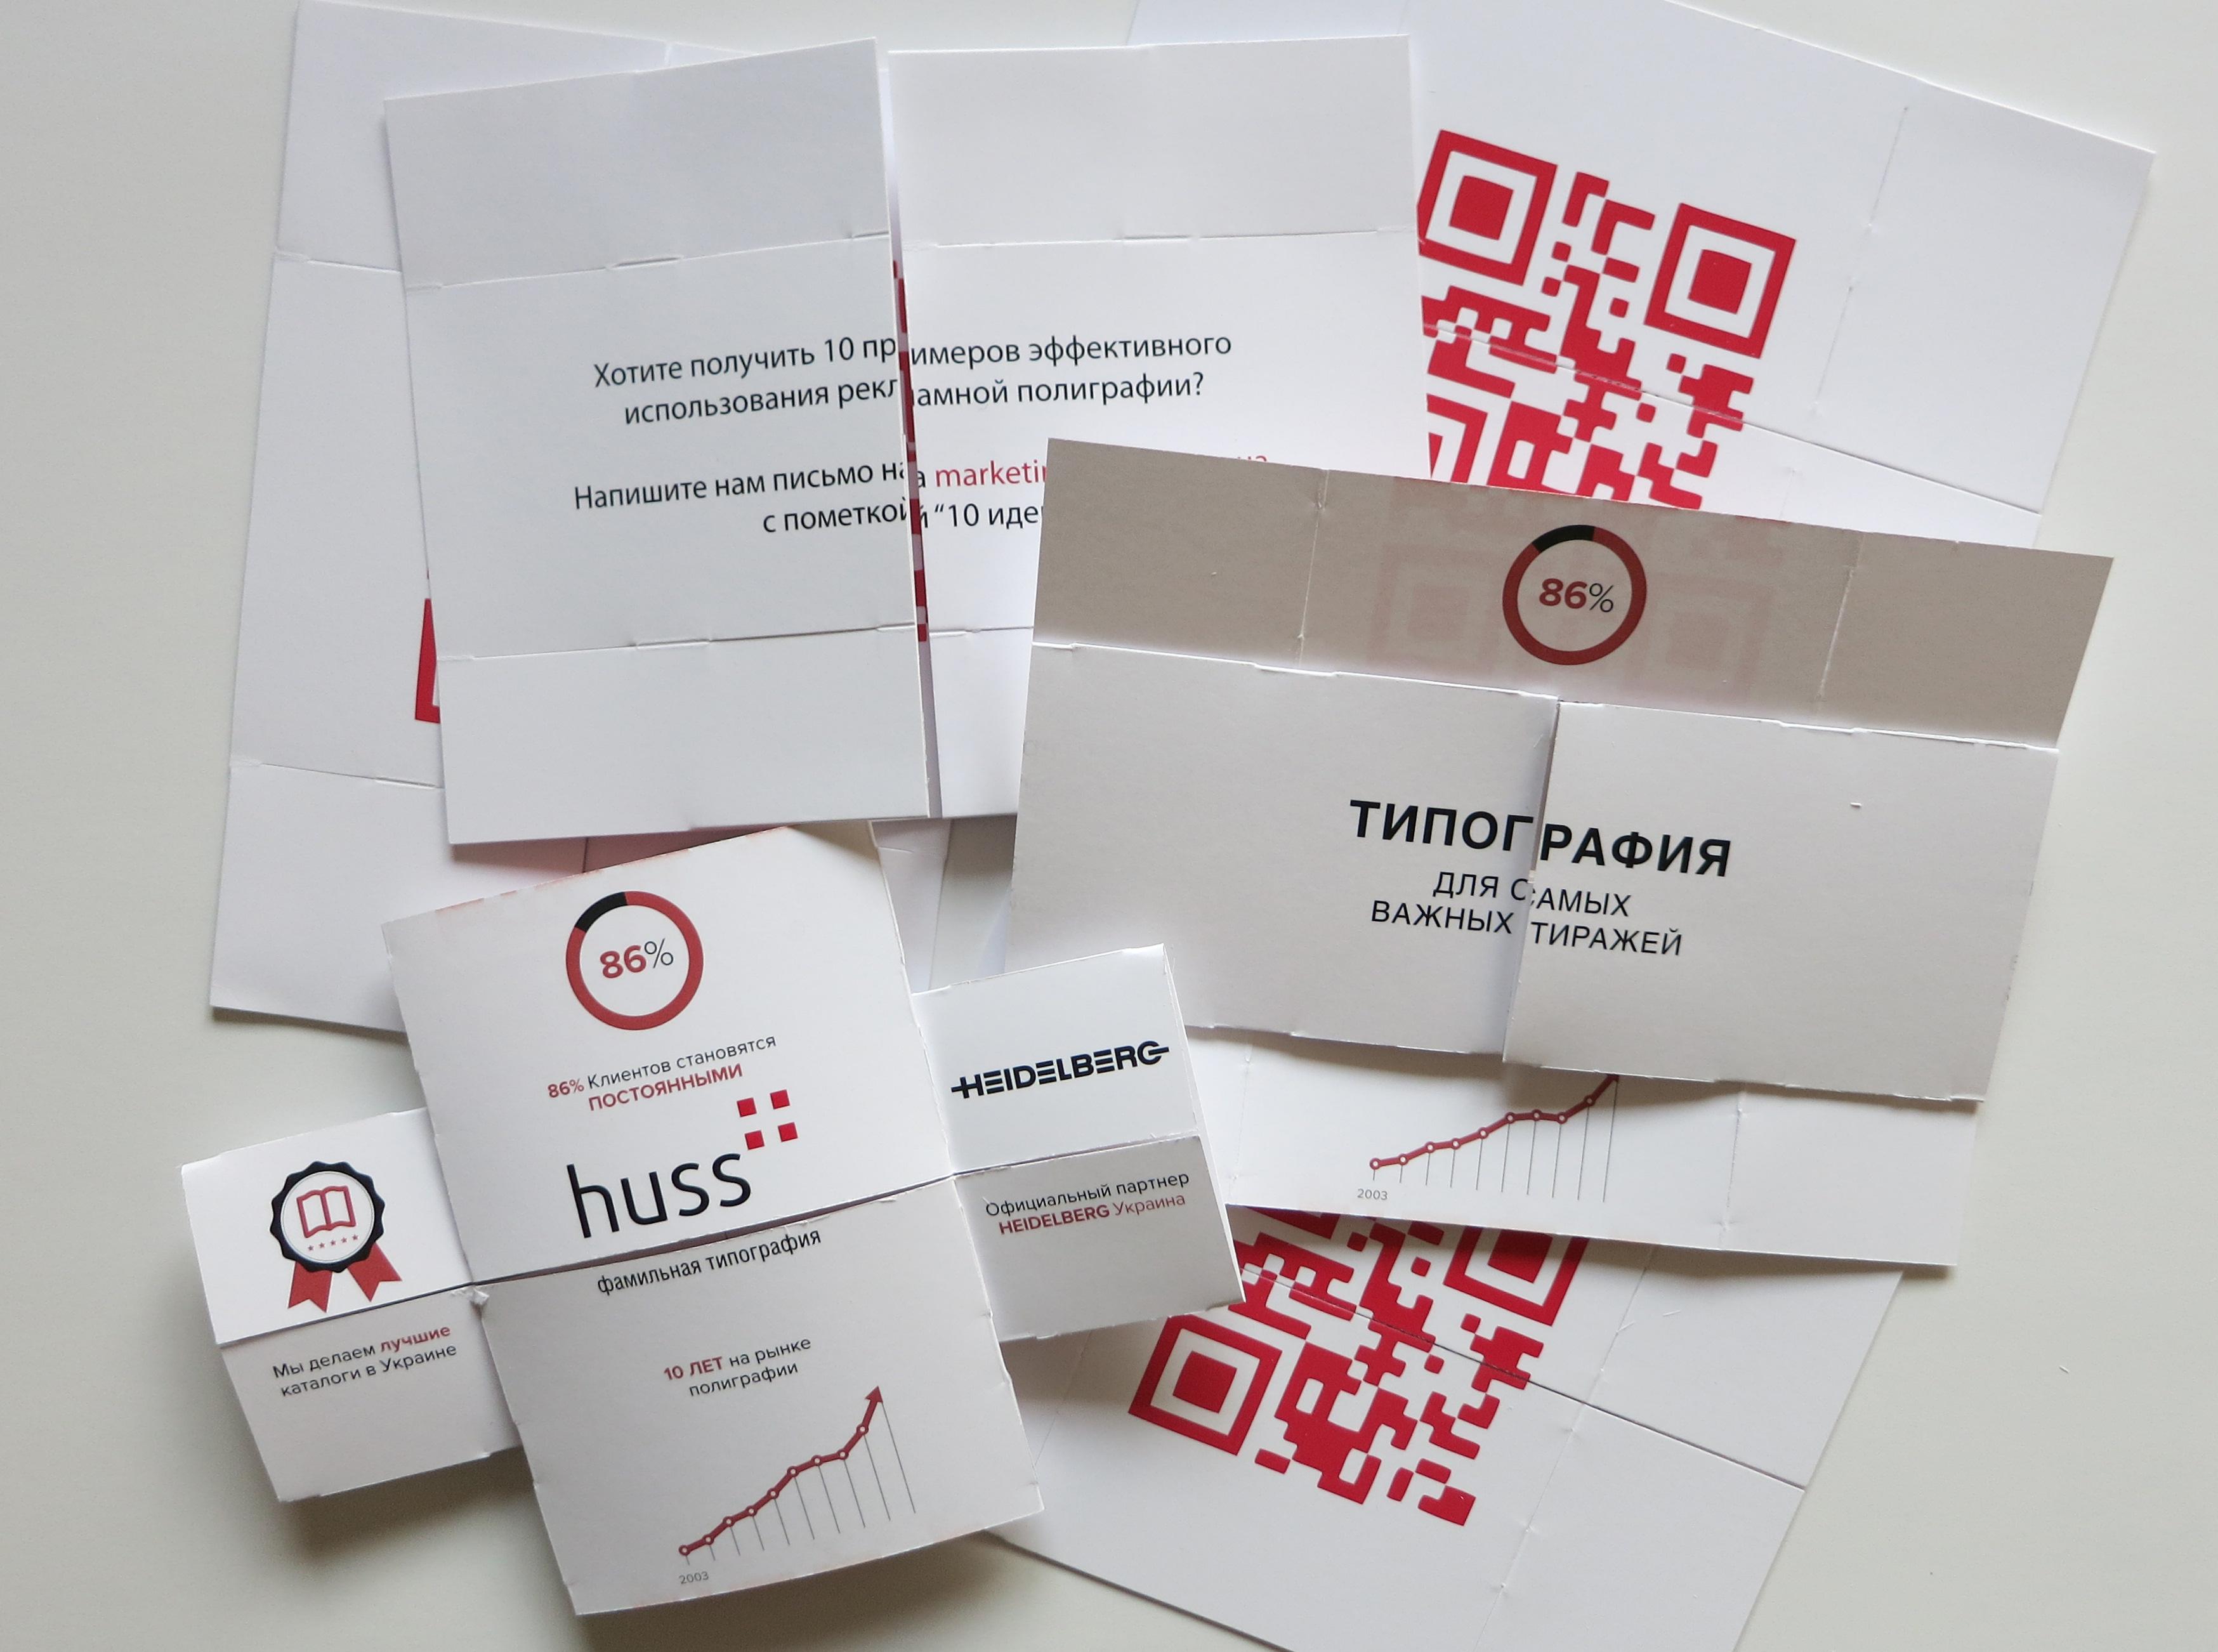 Презентационные материалы Фамильной типографии huss